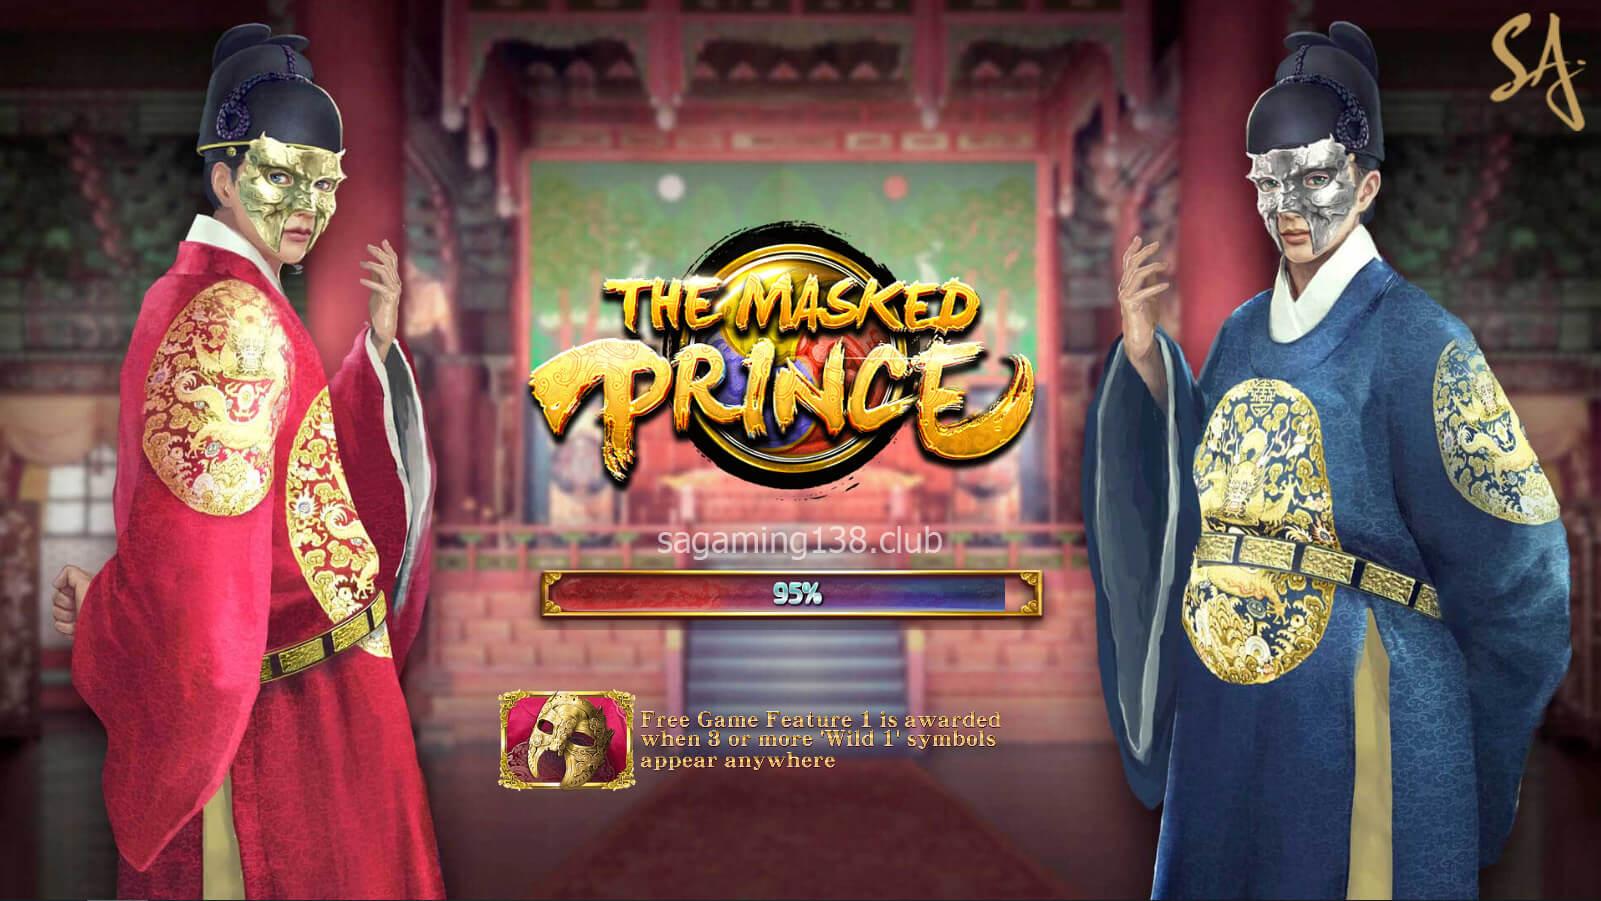 The Masked Prince เกมสล็อตออนไลน์ 7 SA Gaming คาสิโนออนไลน์ที่ดีที่สุด